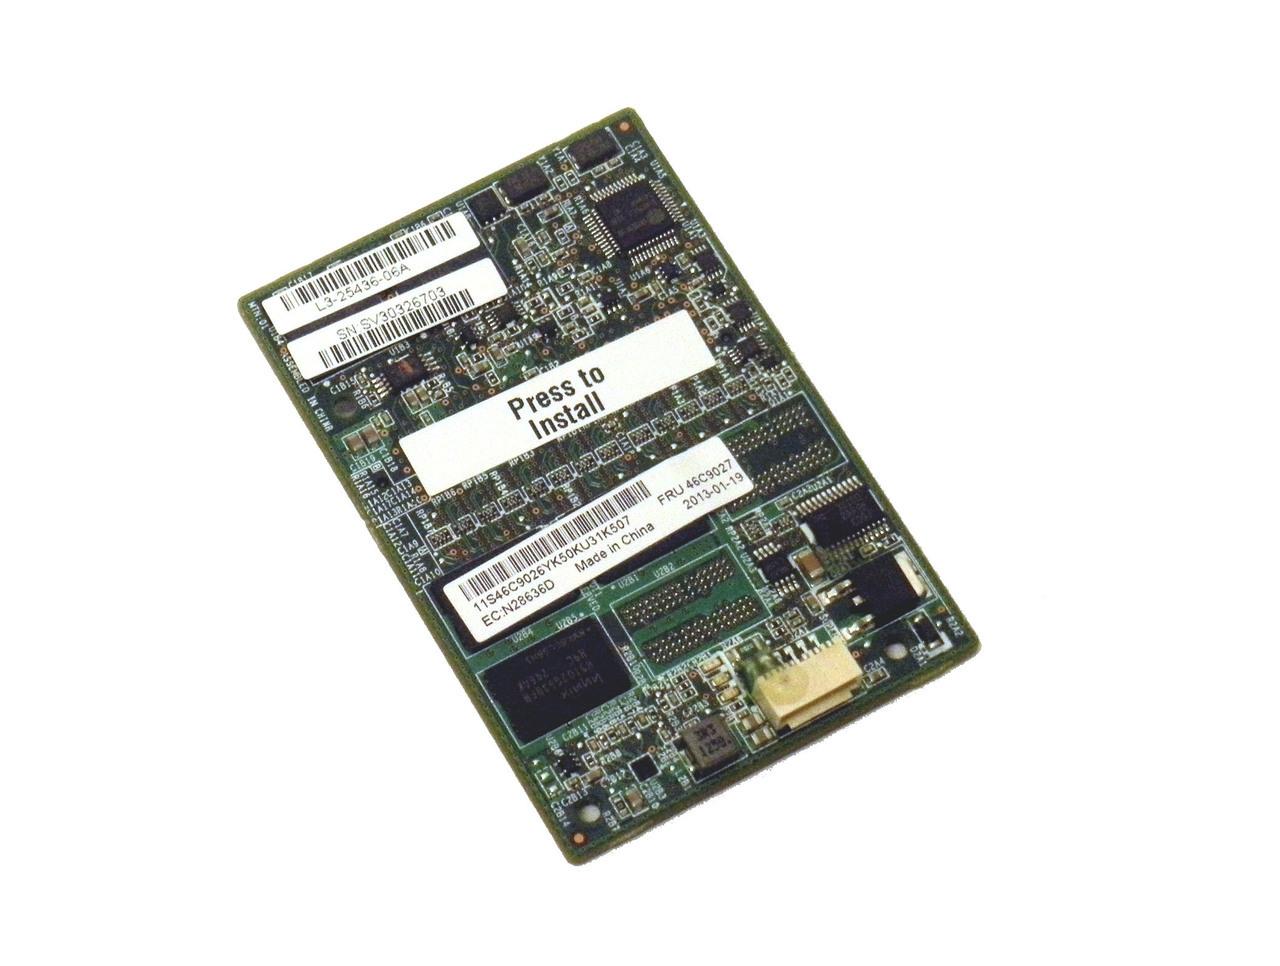 IBM 512MB MEMORY FLASH / RAID 5 FOR IBM SERVERAID M5016 / M5100 SERIES 46C9027